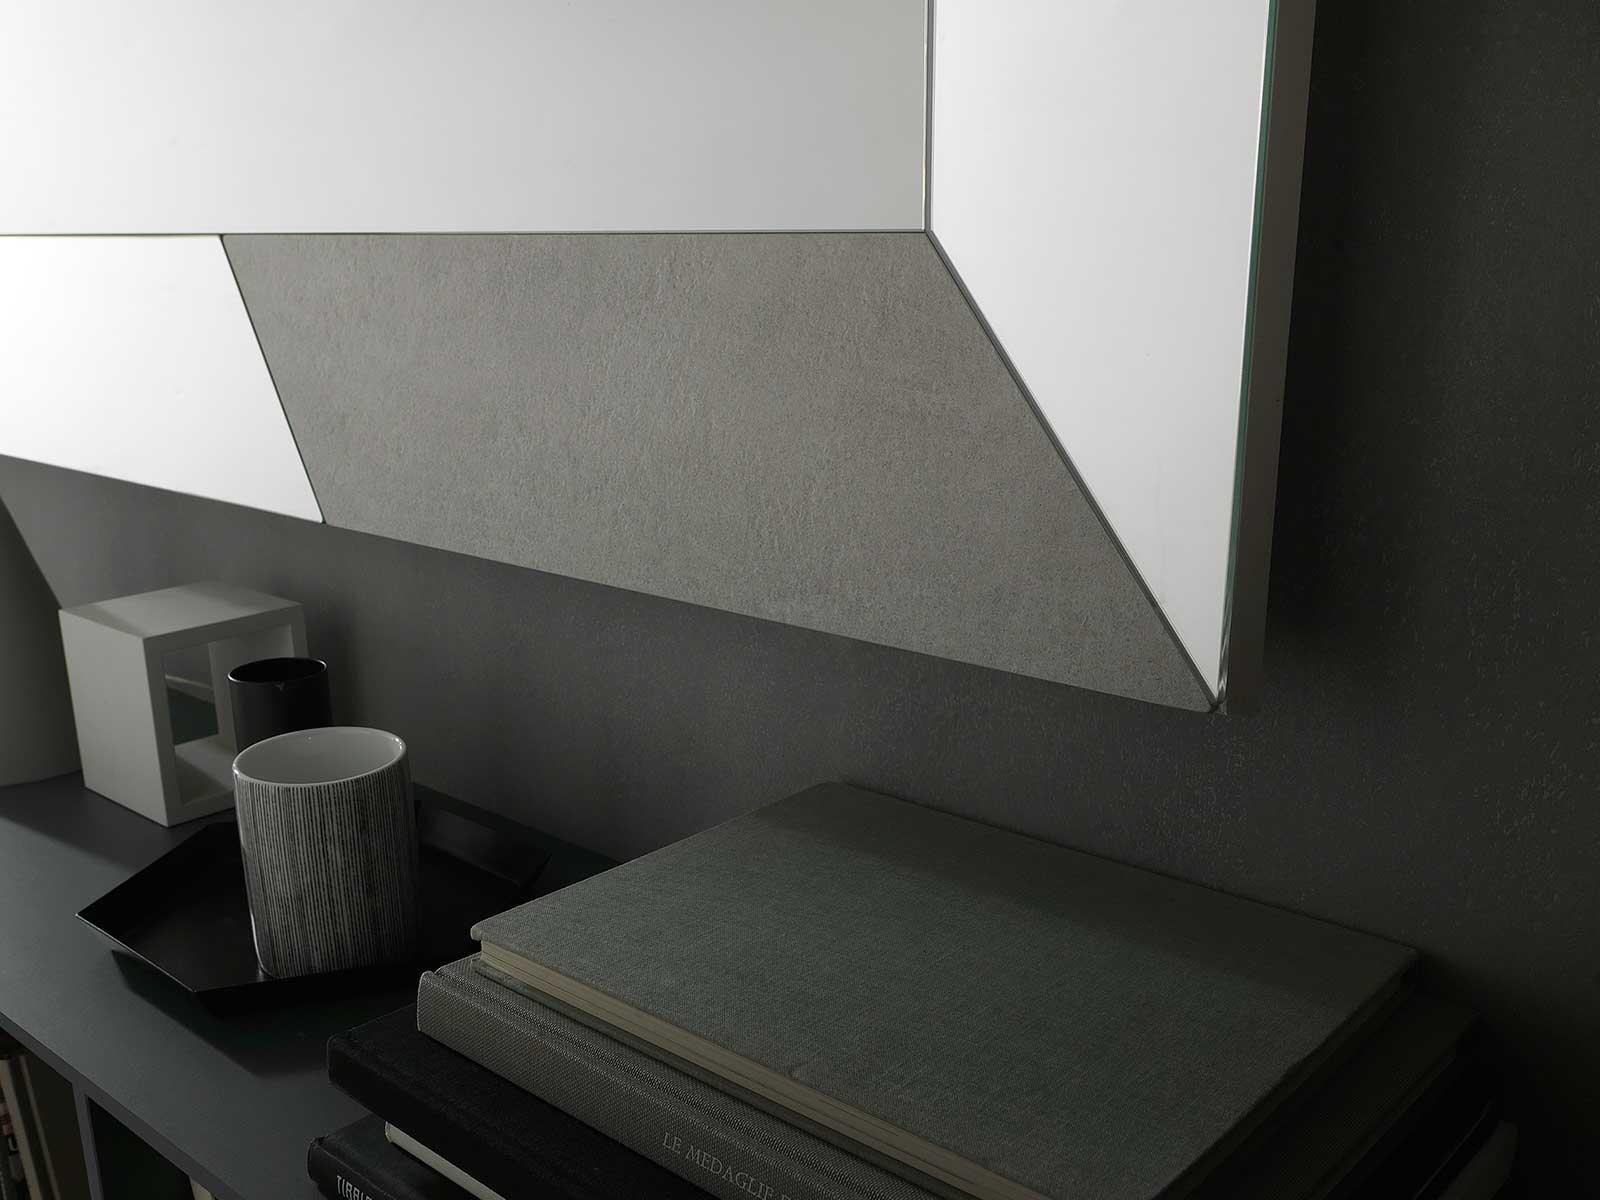 Specchiera rettangolare con ampia cornice ed intarsi in ceramica. Orizzontale o verticale, da appoggio o da parete. Design firmato Andrea Lucatello.